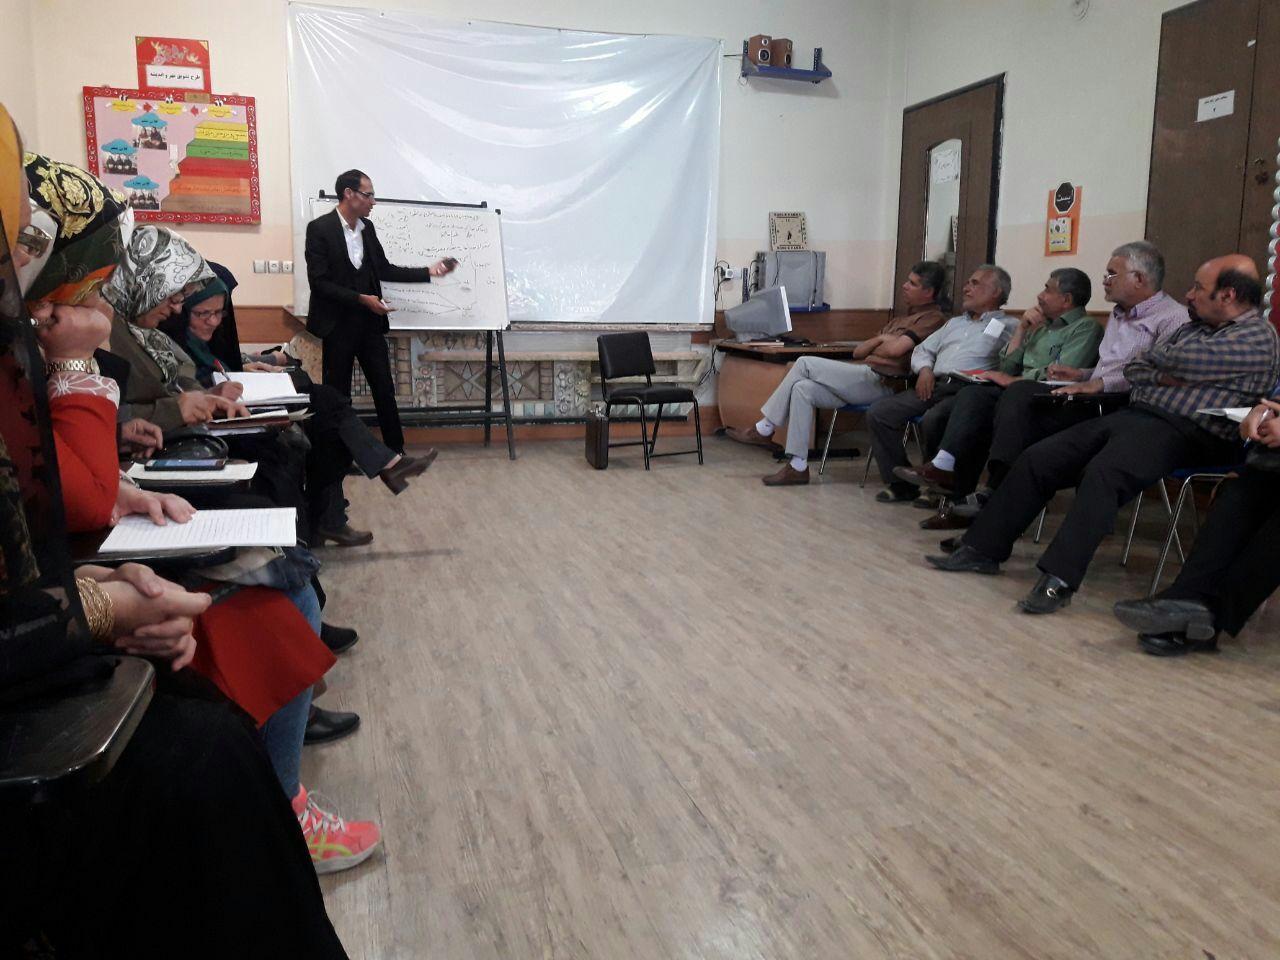 برگزاری اولین کارگاه آموزشی شعر فارسی